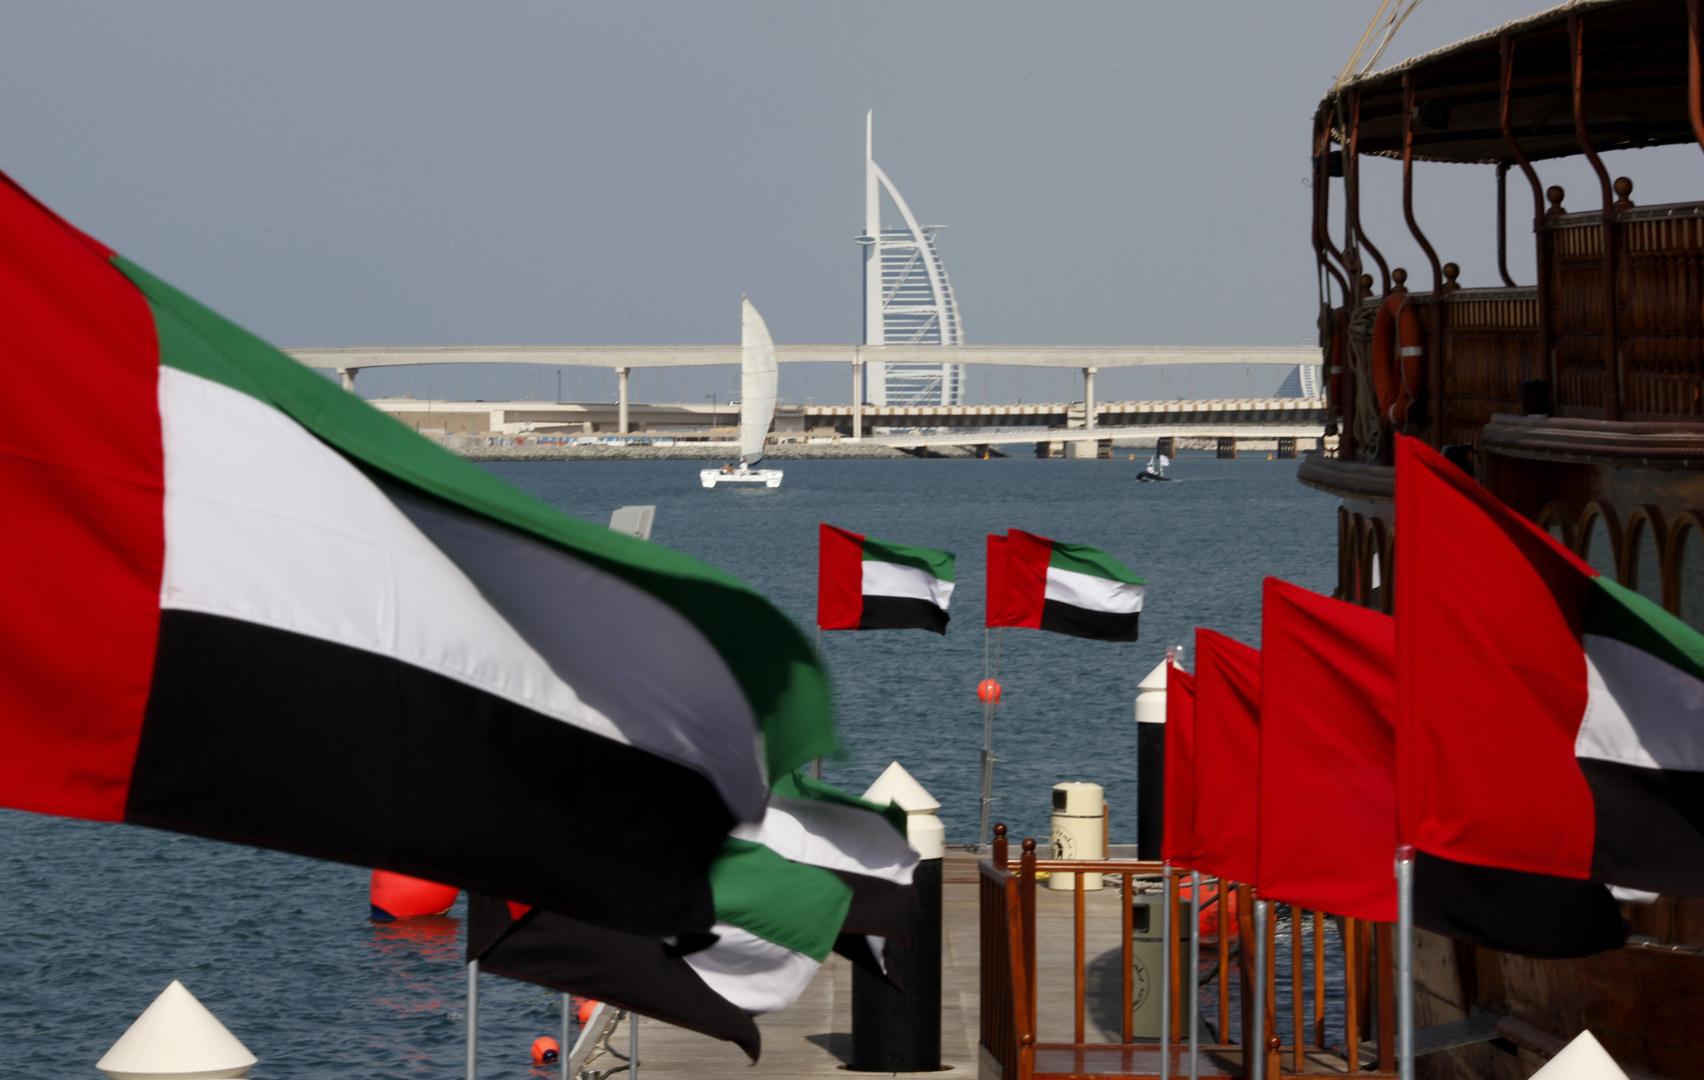 الإمارات ..  إتاحة 5 أنواع من تأشيرات الإقامة الطويلة دون كفيل